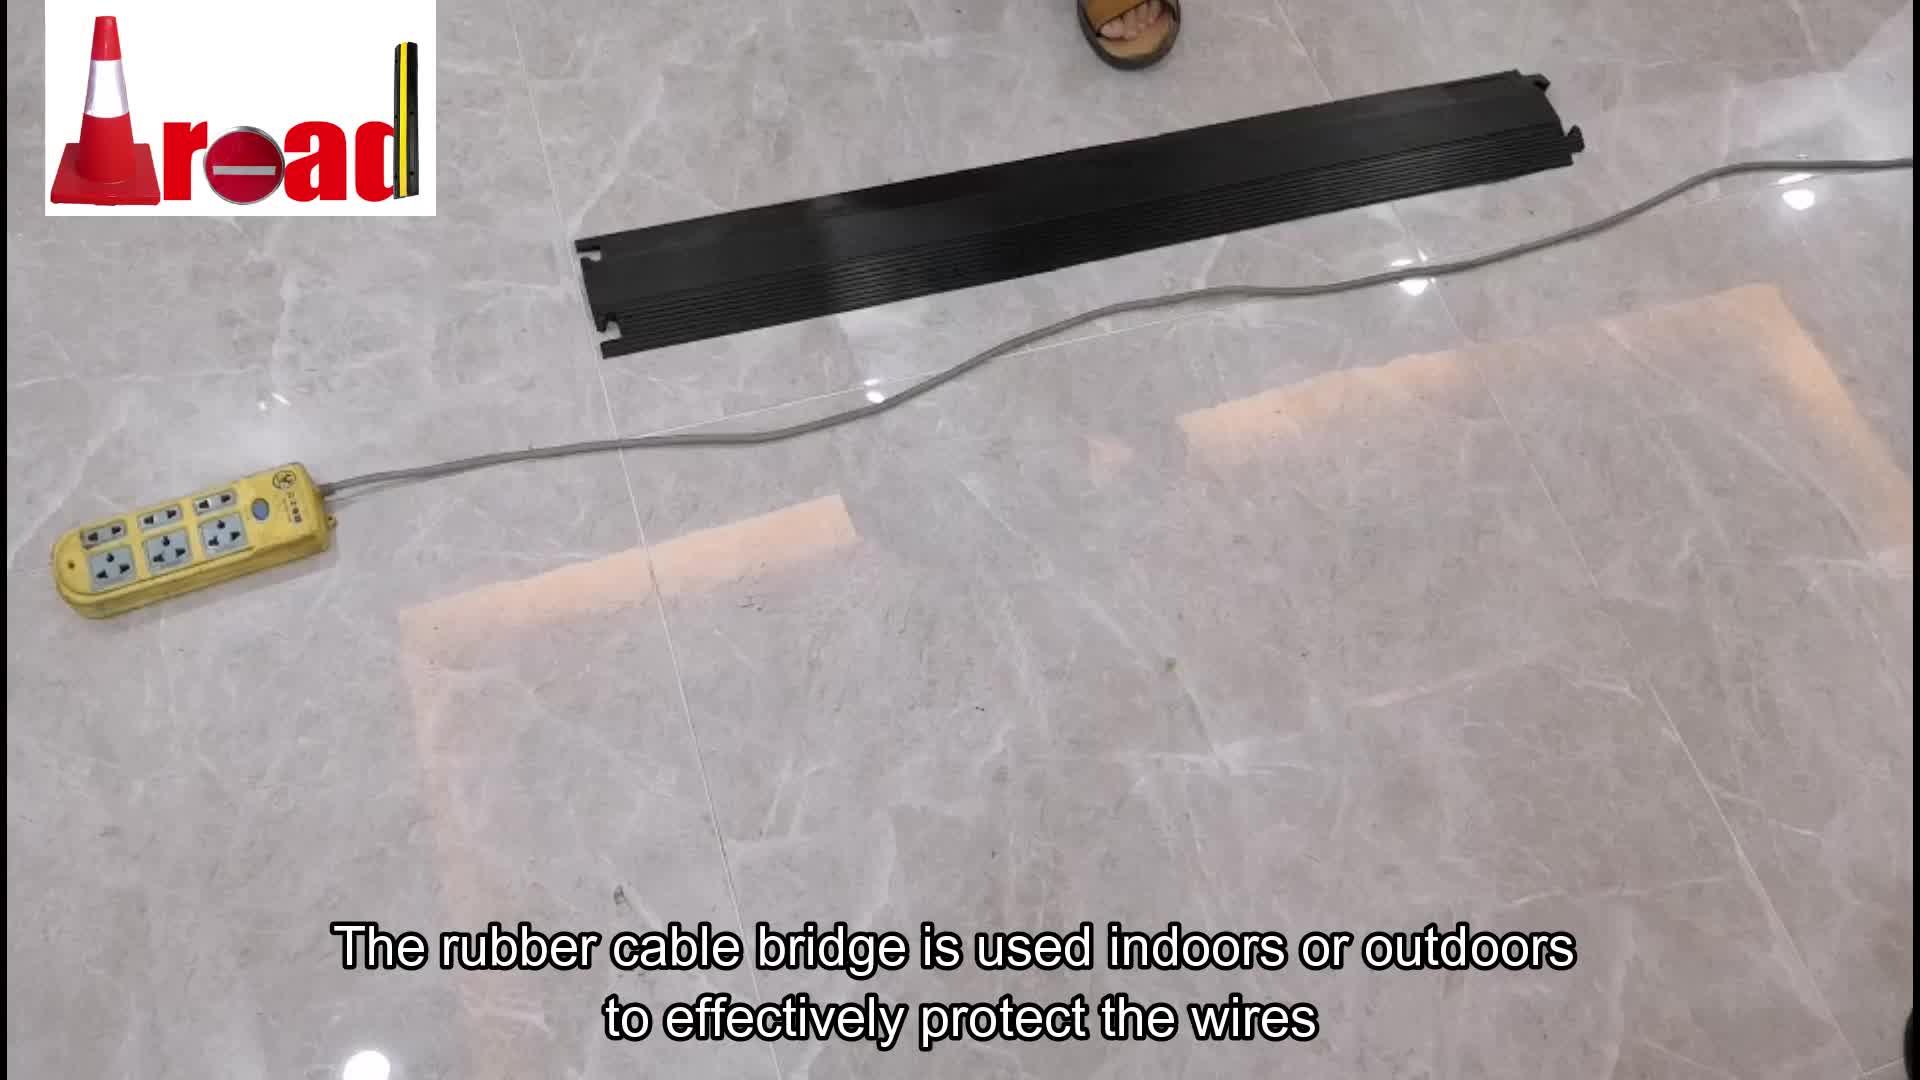 Australian Standard borracha Ligeiros cabo rampa cabo protetor chão canal